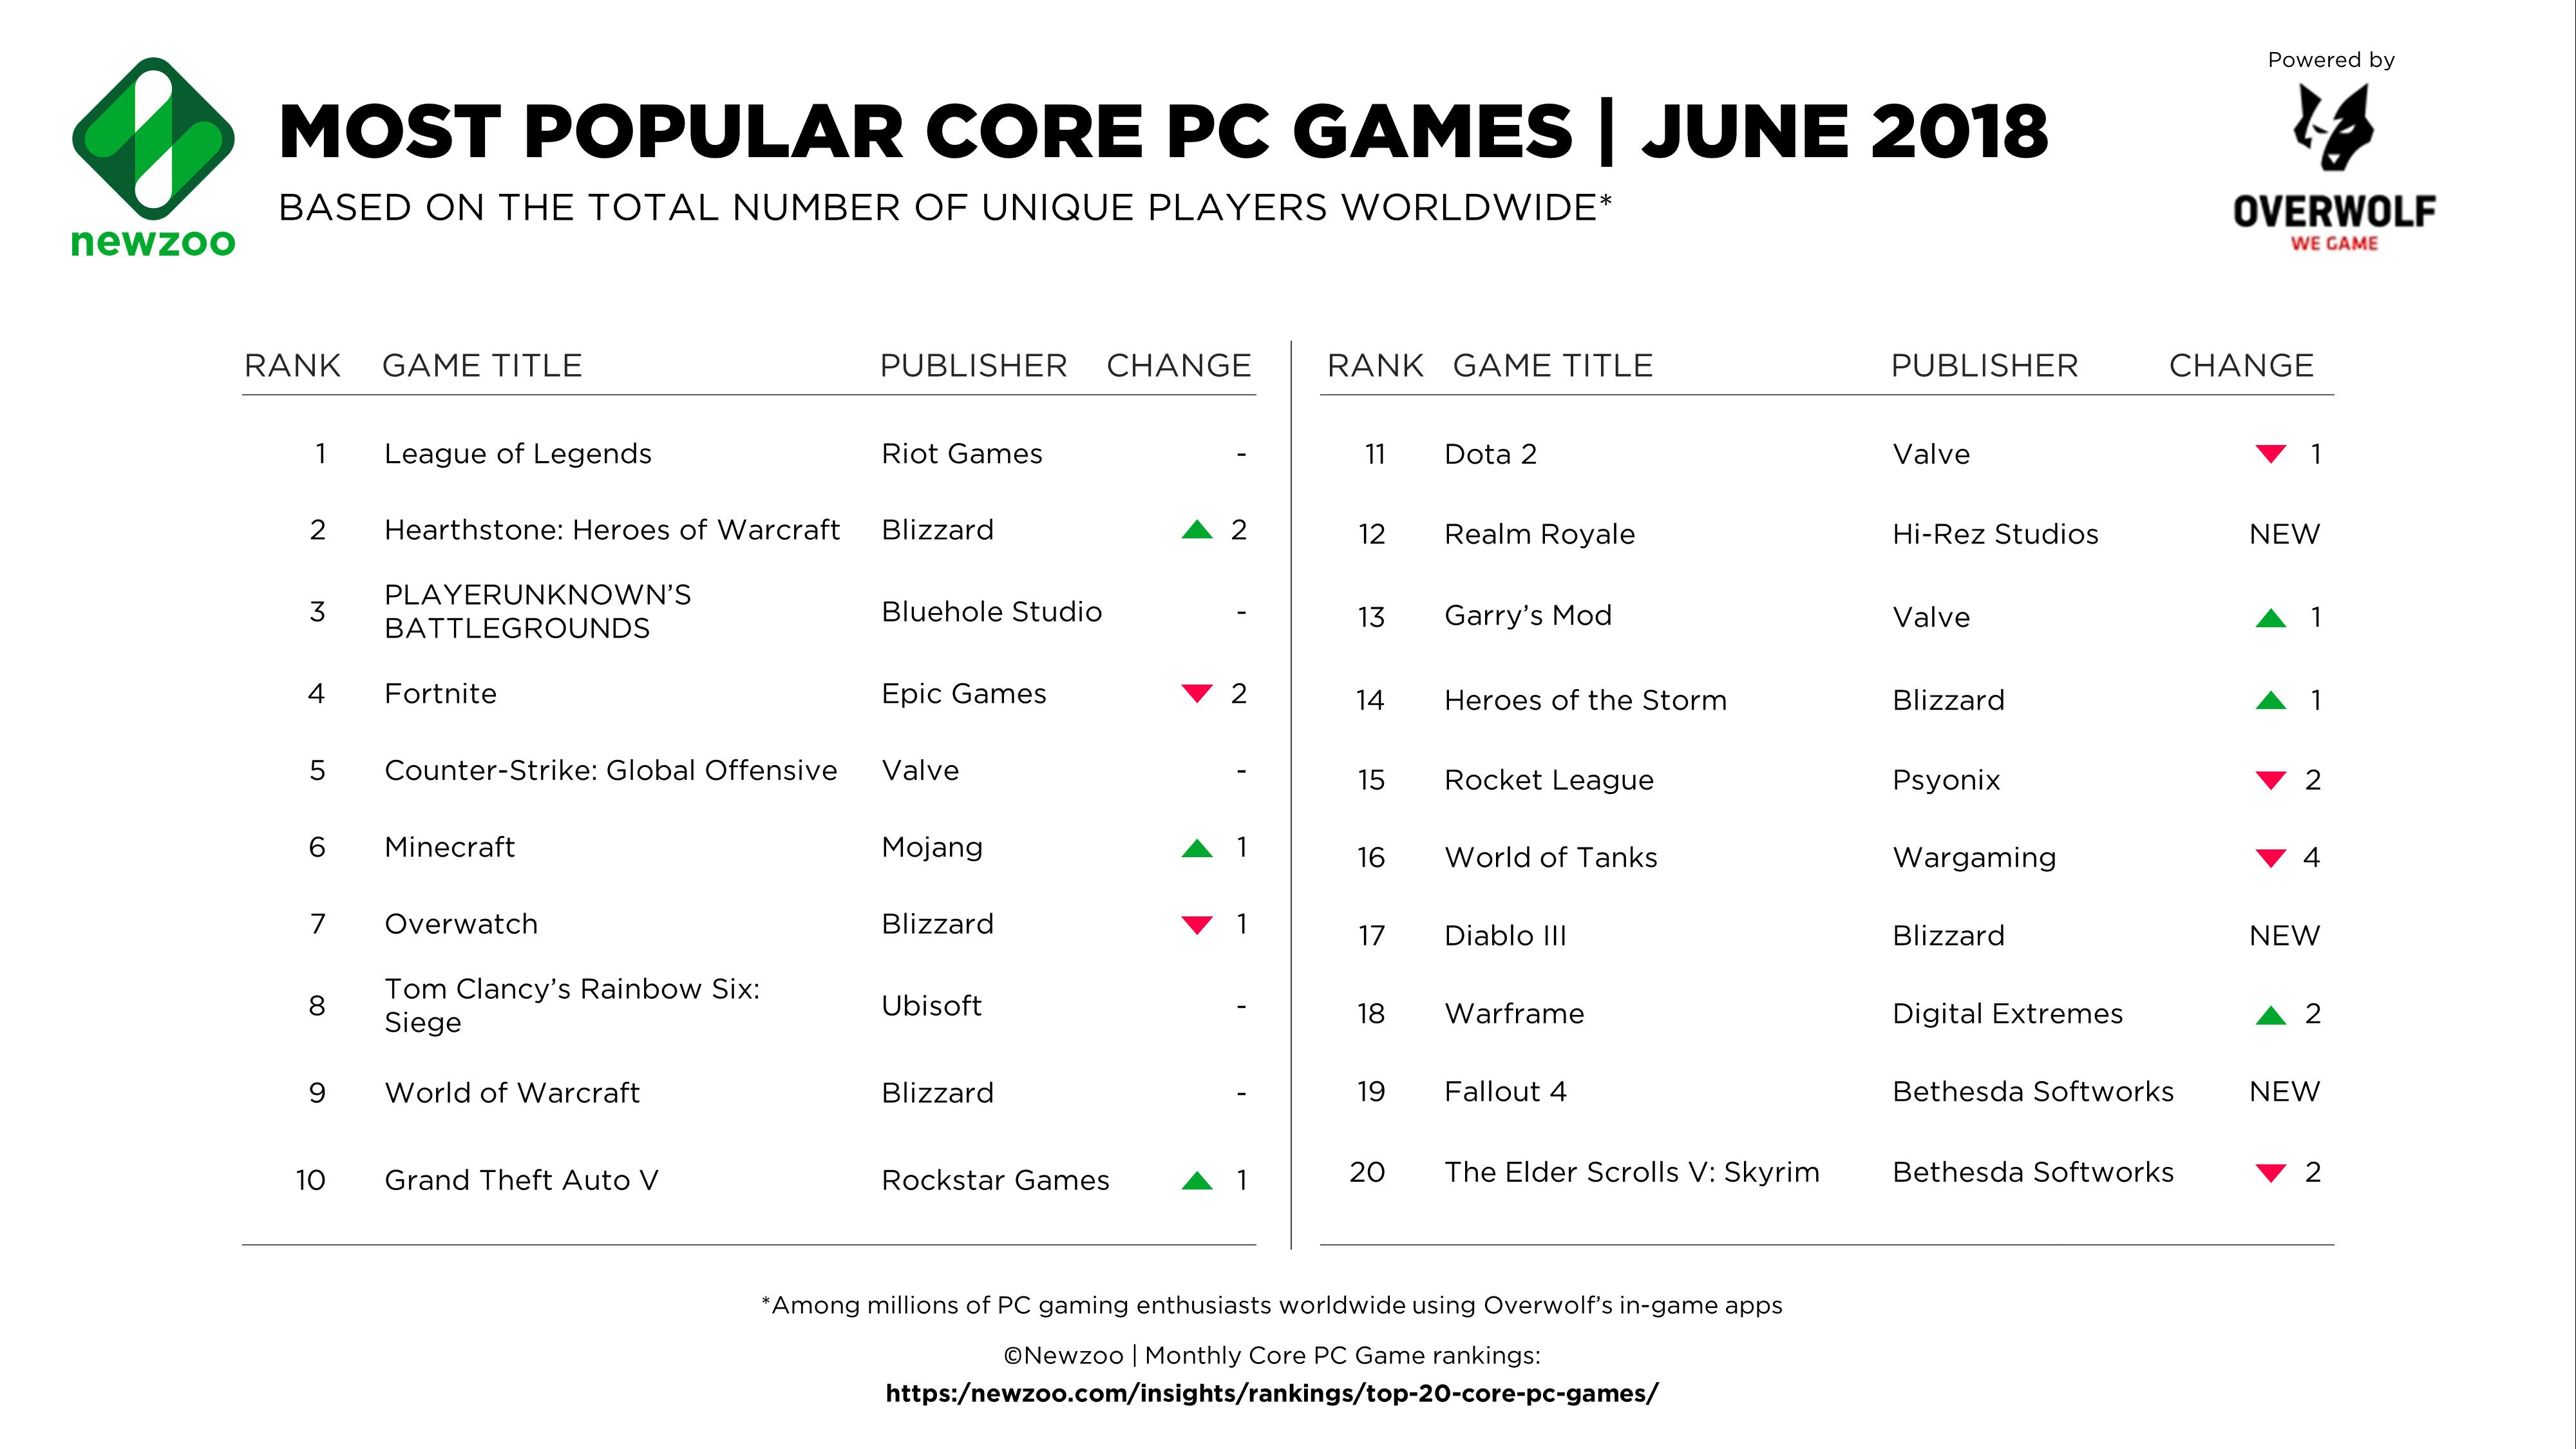 《炉石传说》是第二受欢迎的核心 PC 游戏